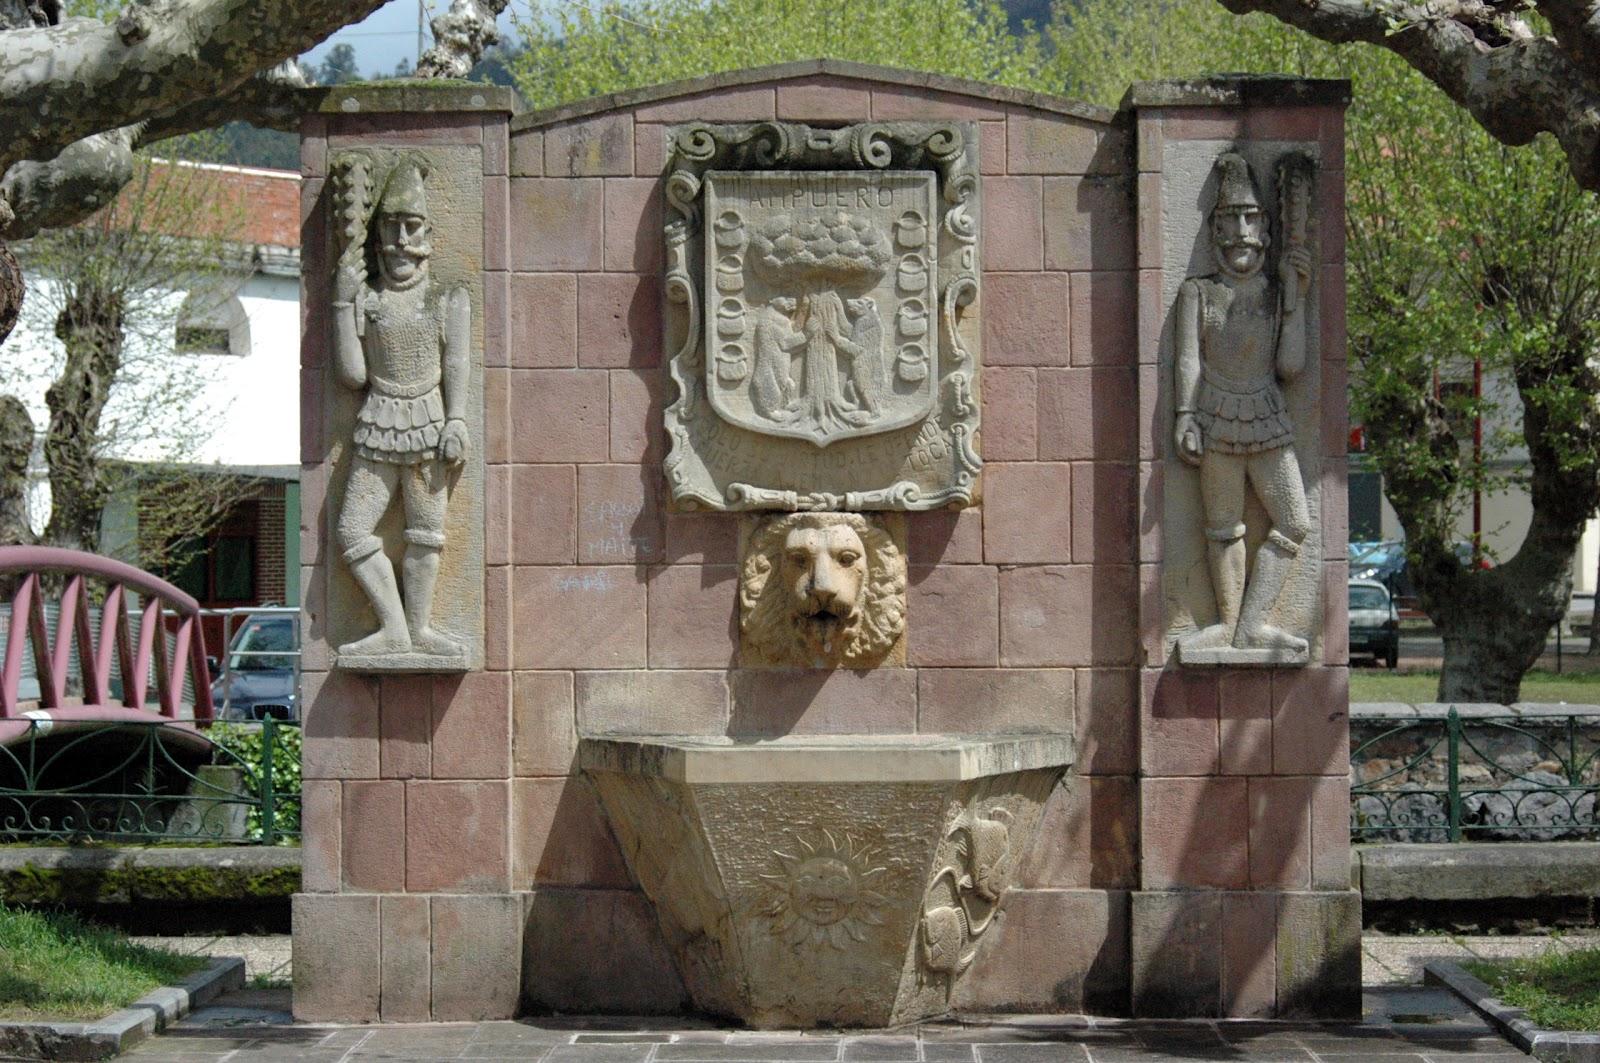 escudo heraldico agua gomez: